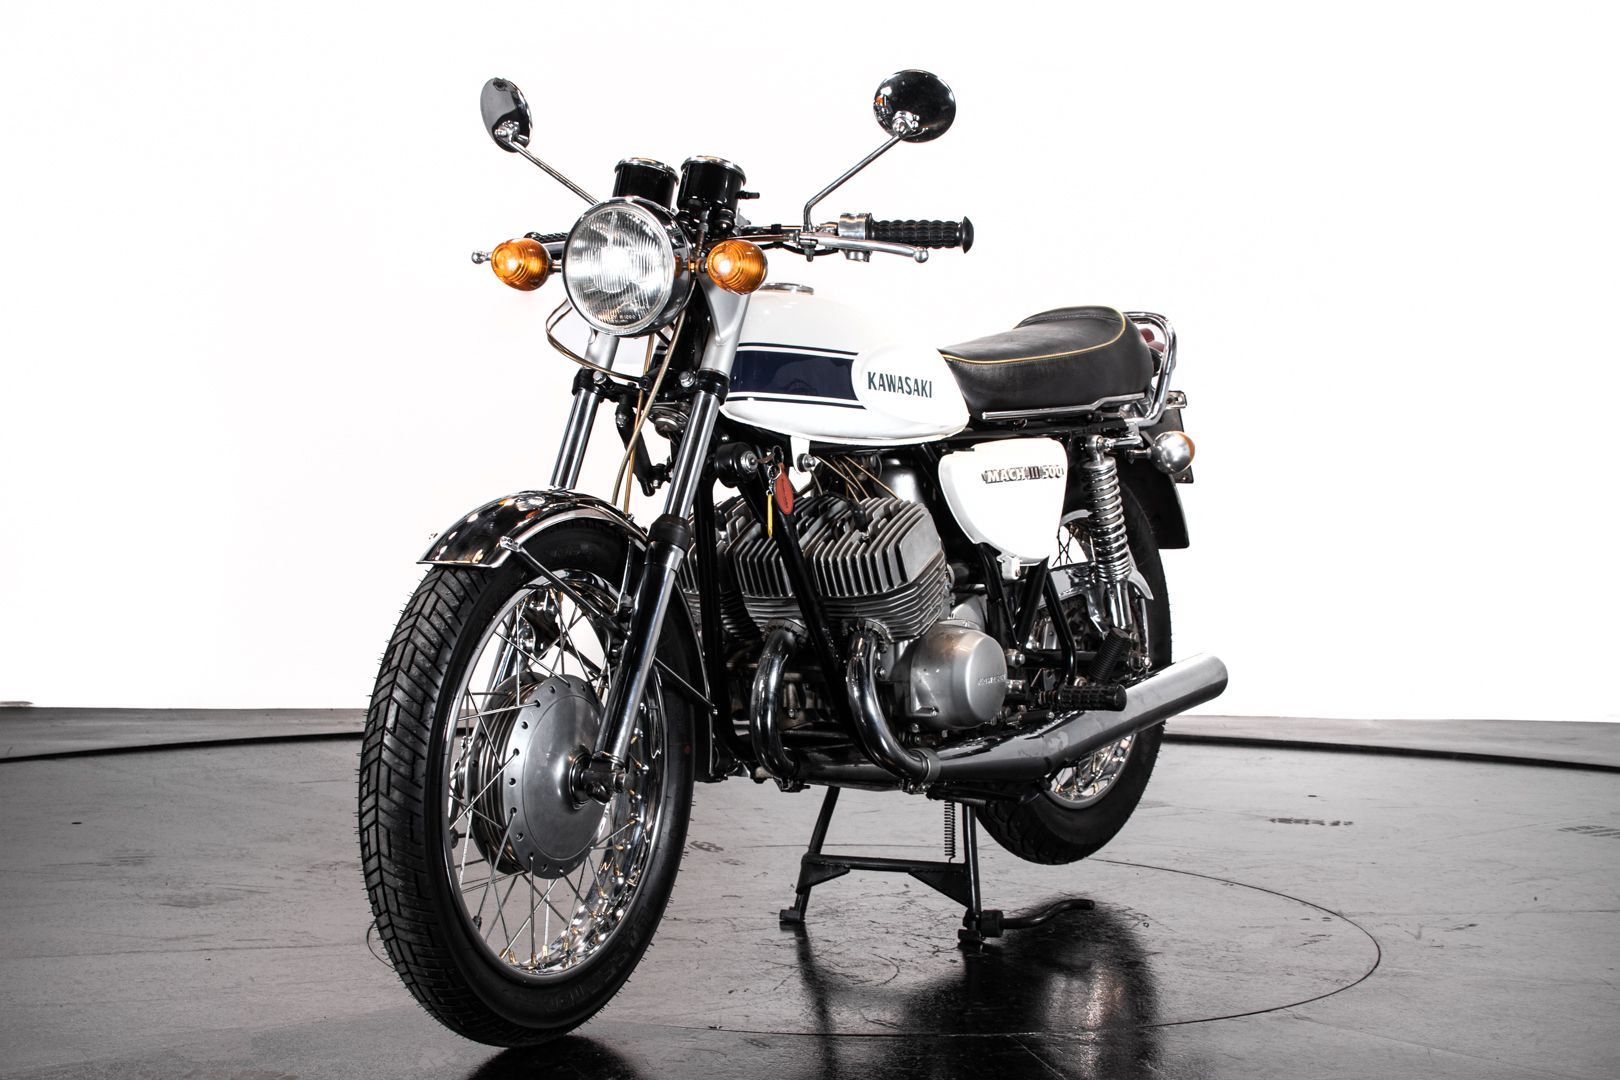 1970 Kawasaki Mach III H1 500 62077